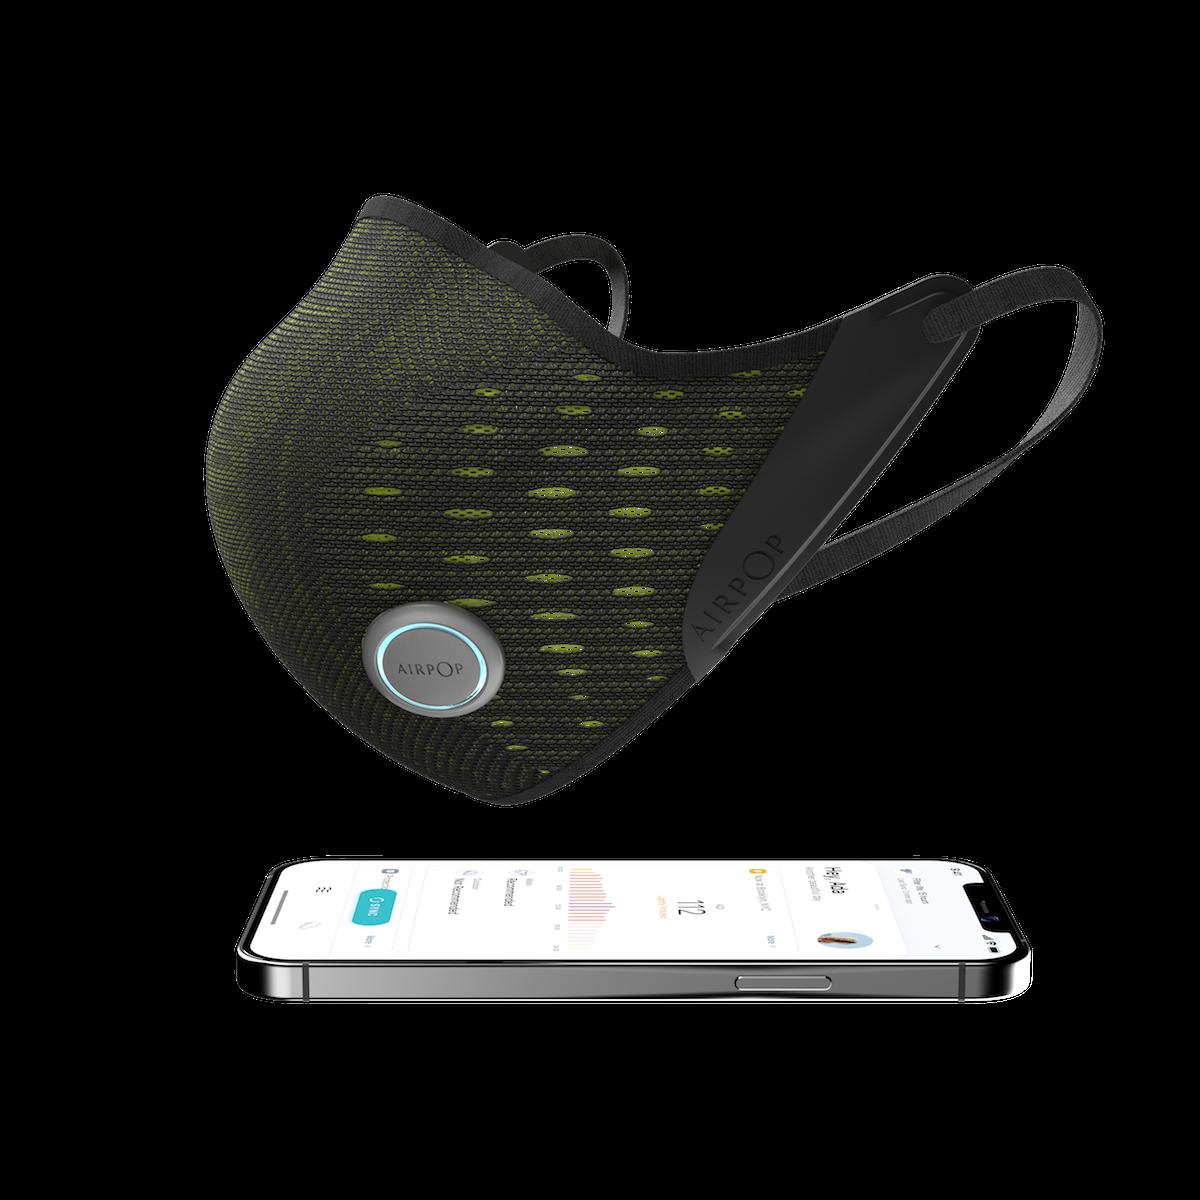 Le masque intelligent AirPop Active+ et son app